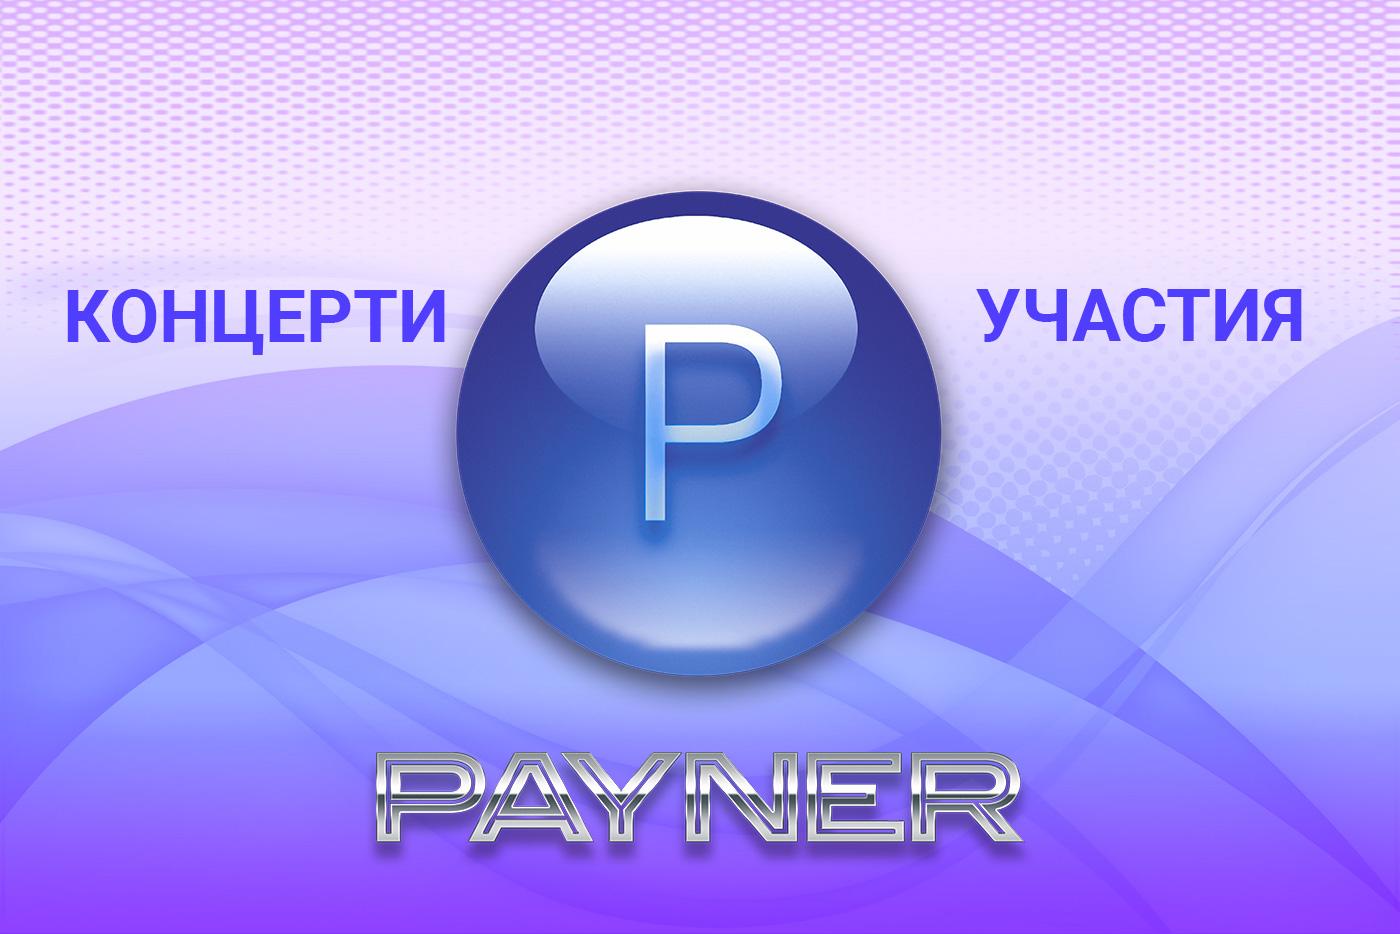 """Участия на звездите на """"Пайнер"""" на 06.02.2019"""